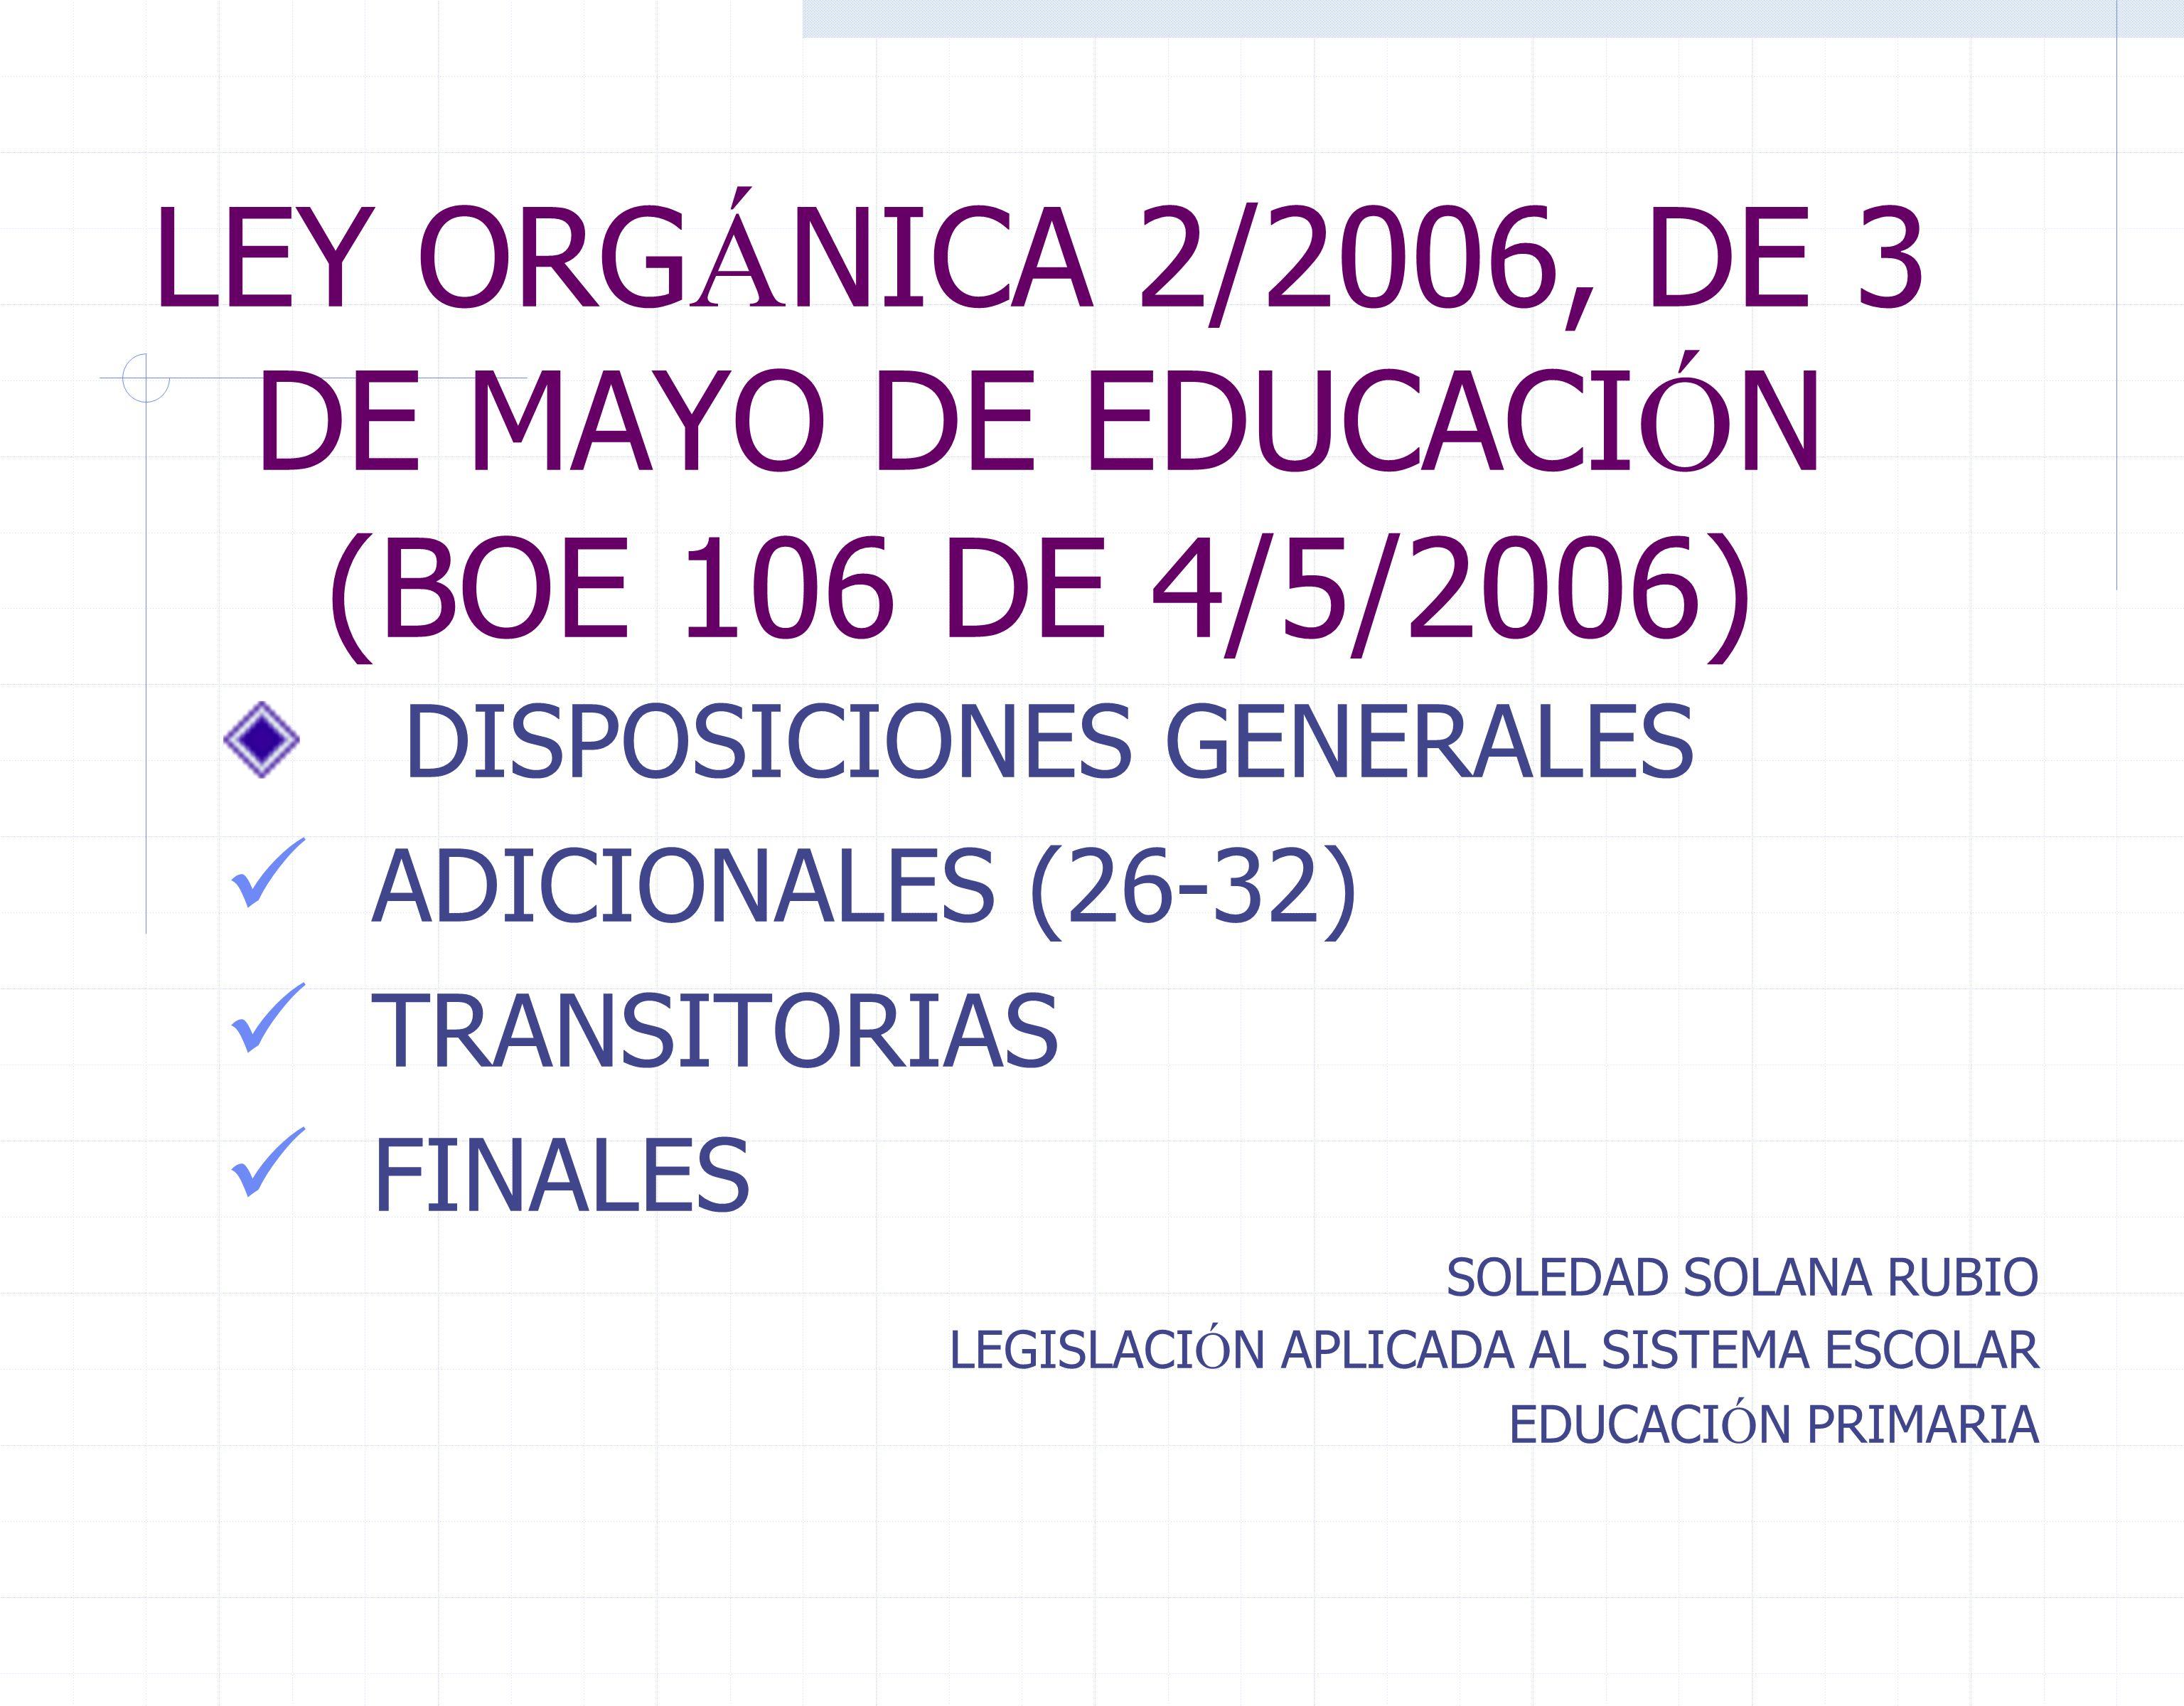 LEY ORG Á NICA 2/2006, DE 3 DE MAYO DE EDUCACI Ó N (BOE 106 DE 4/5/2006) DISPOSICIONES GENERALES ADICIONALES (26-32) TRANSITORIAS FINALES SOLEDAD SOLANA RUBIO LEGISLACI Ó N APLICADA AL SISTEMA ESCOLAR EDUCACI Ó N PRIMARIA